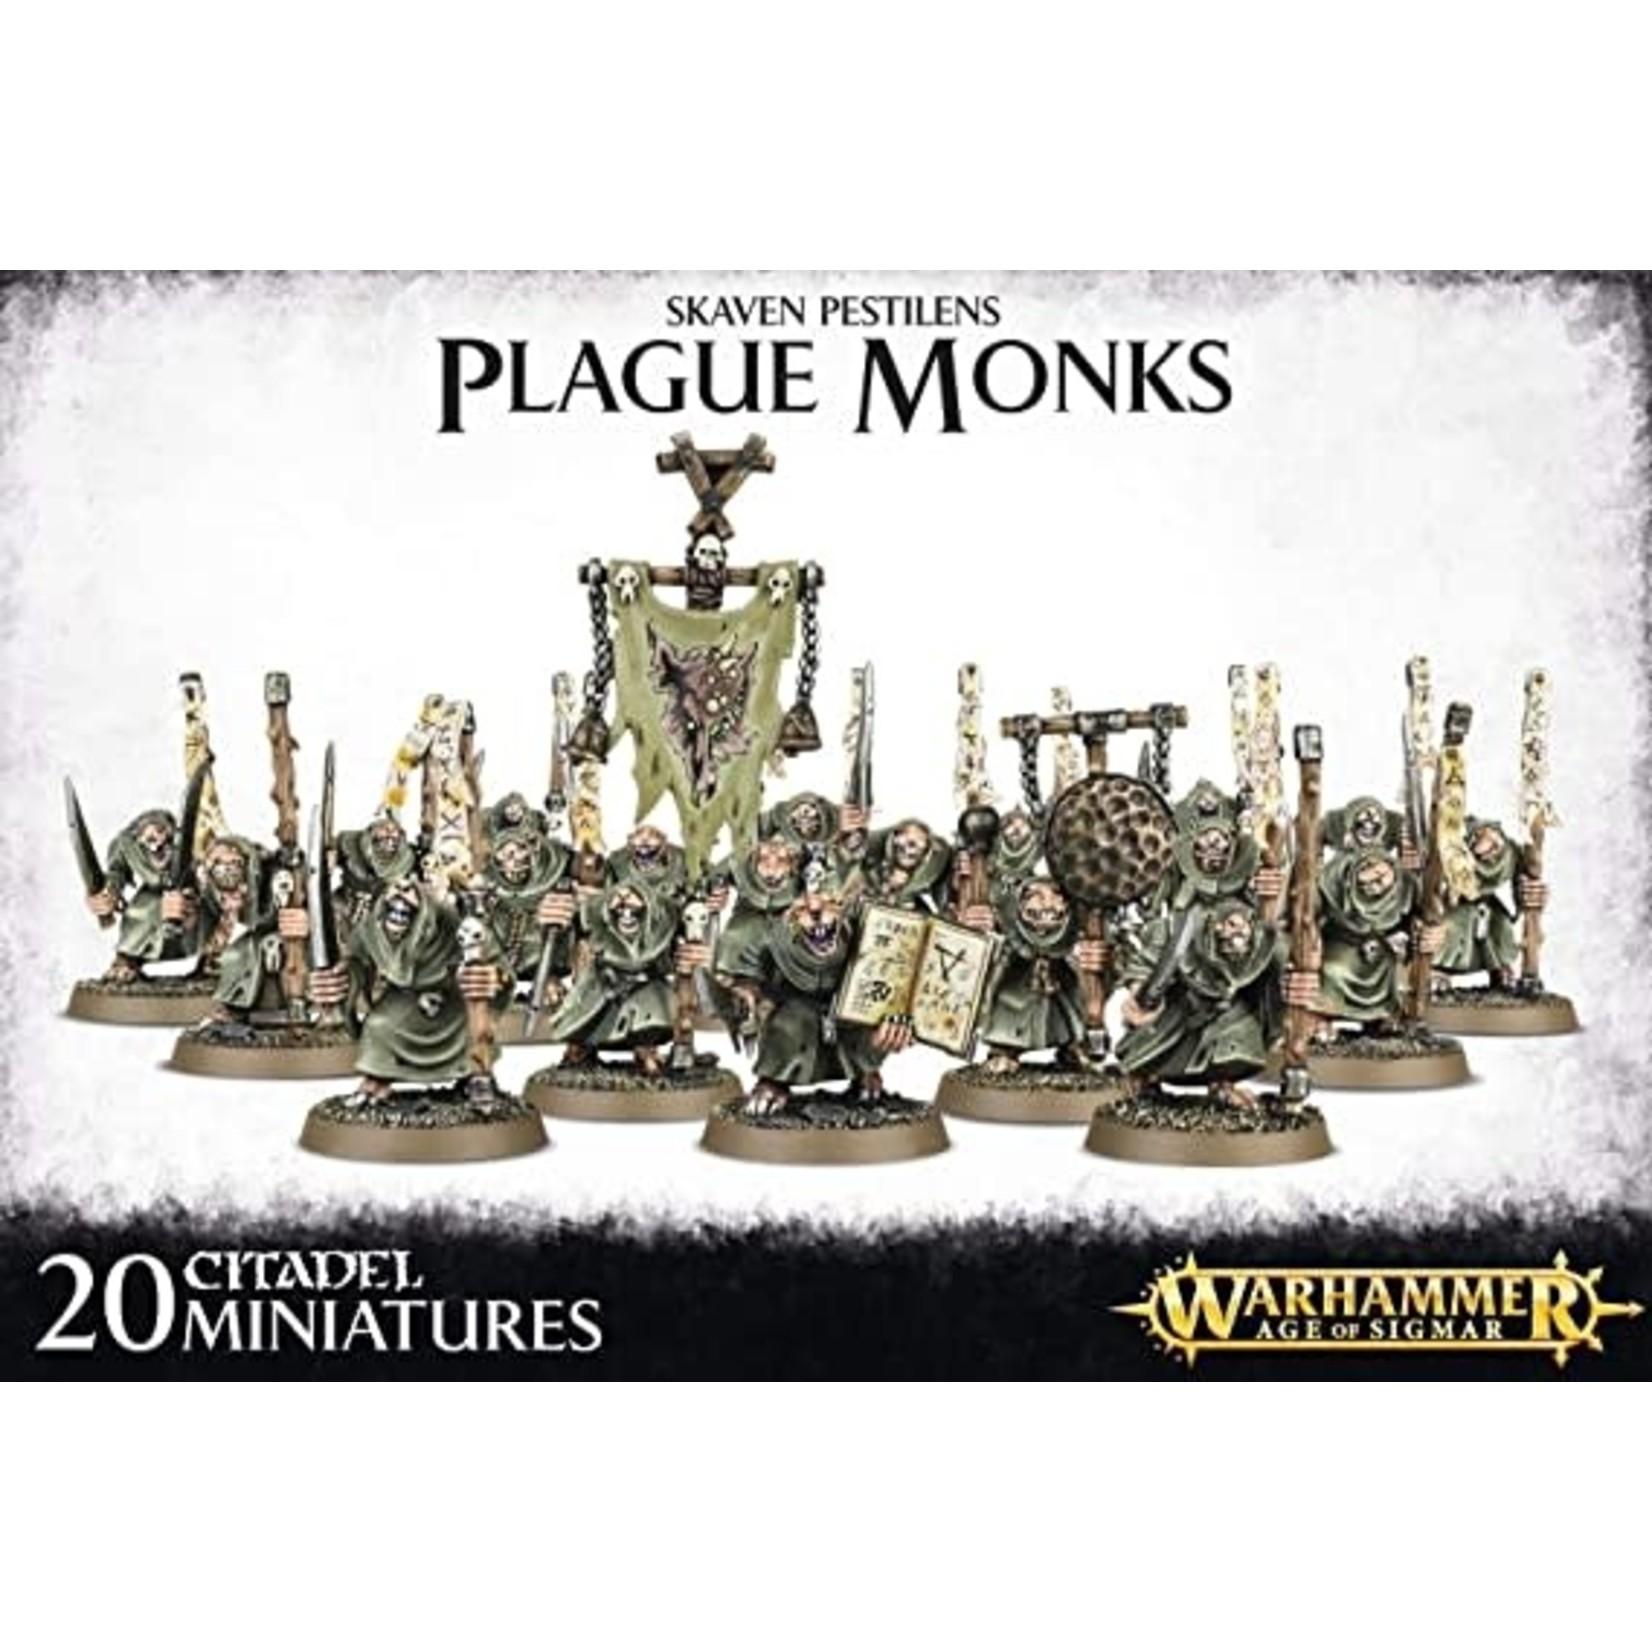 Skaven Pestilens Plague Monks (40K)